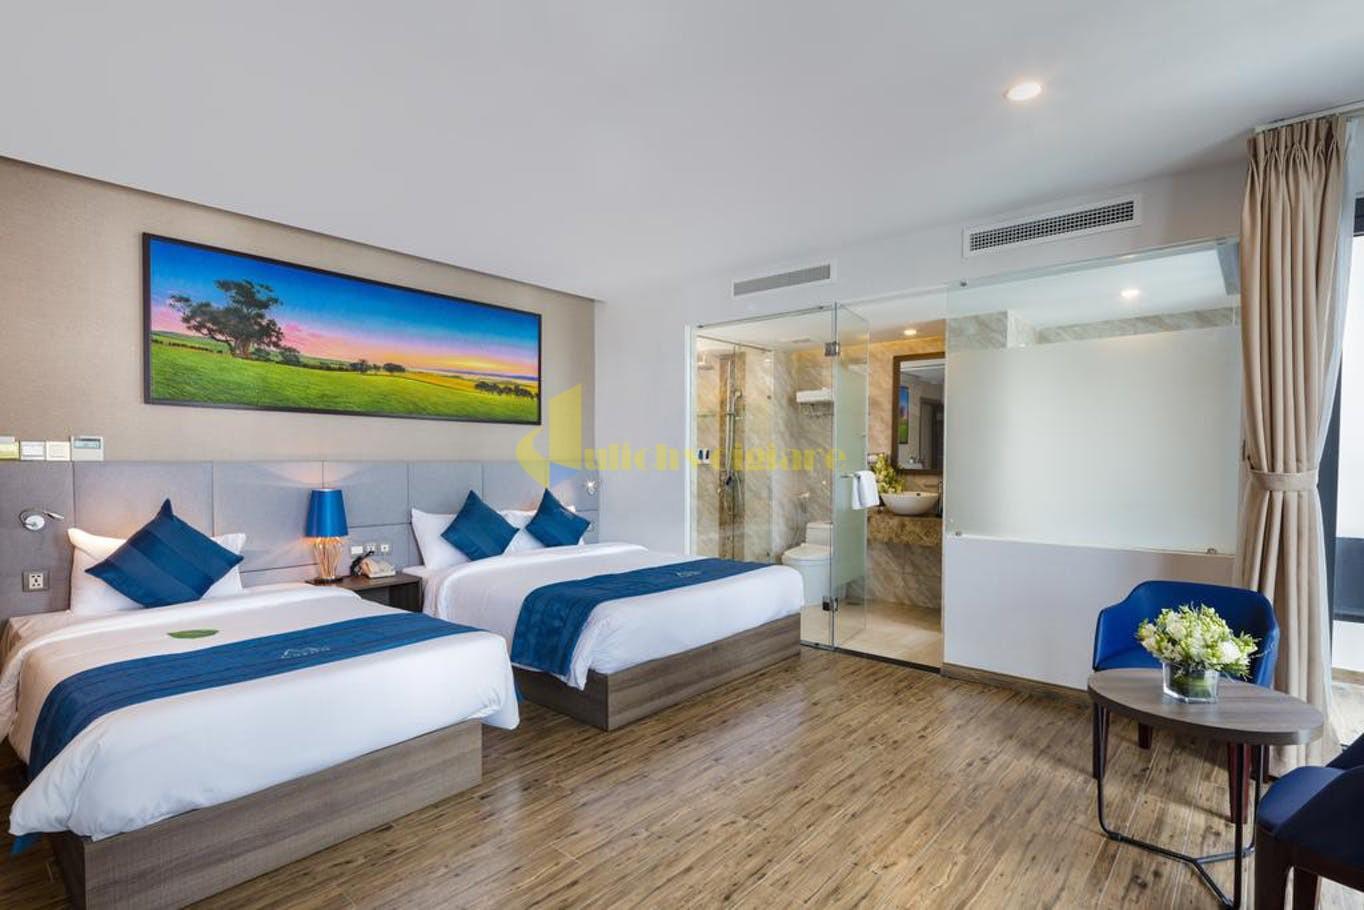 aaron-2 Top 10 Khách Sạn Đẹp Ngất Ngây Tại Nha Trang